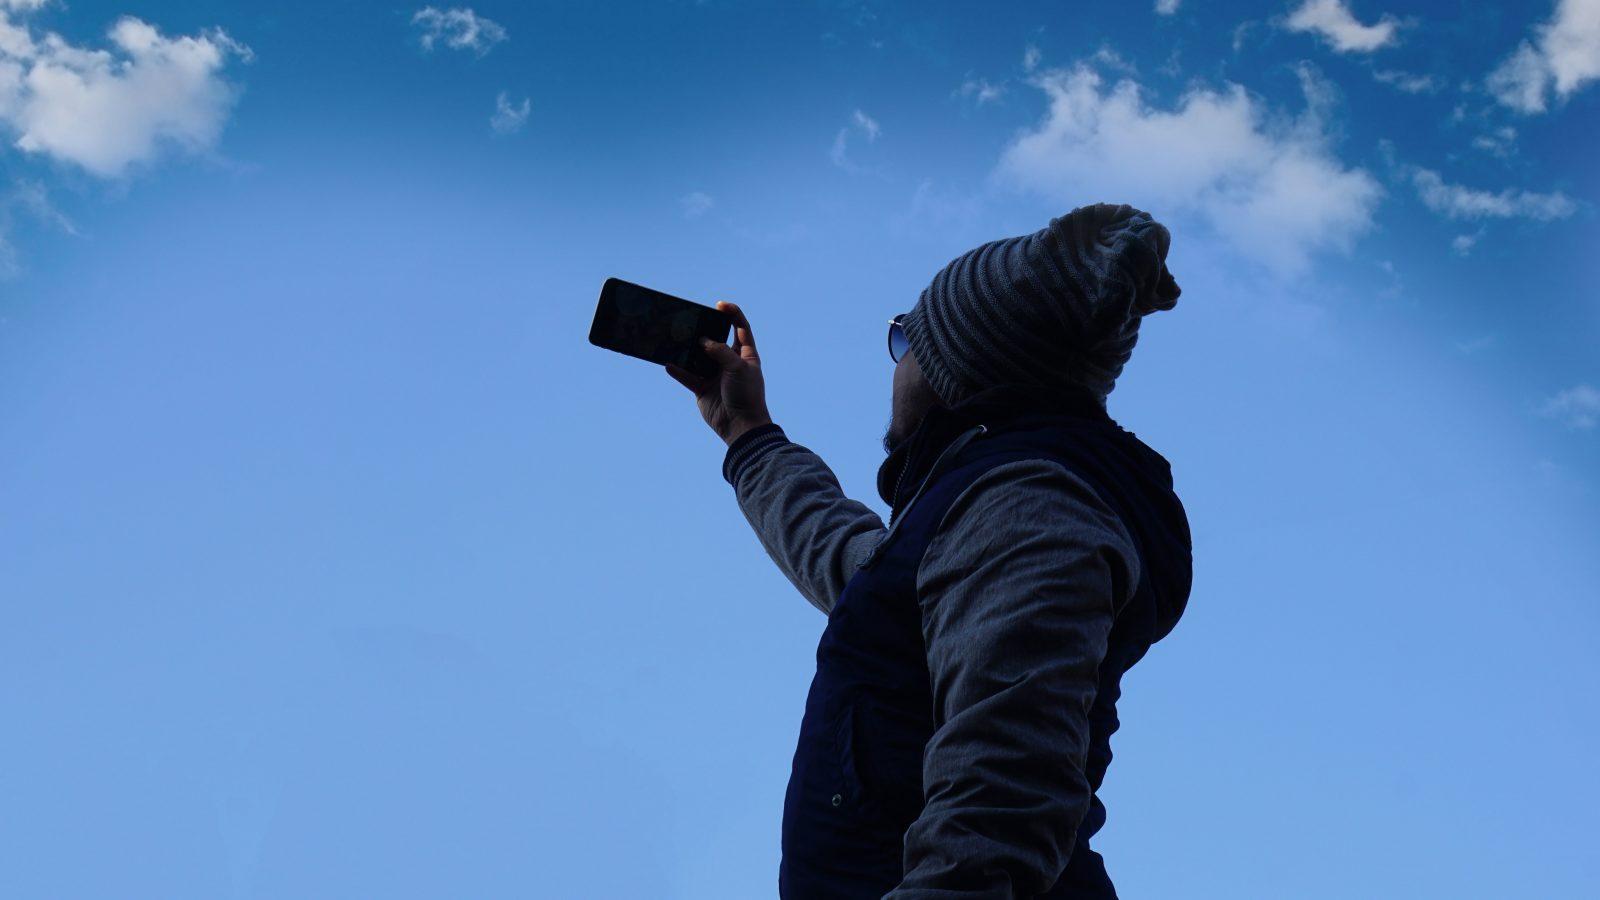 Ihminen ottaa ulkona talvivaatteissa taivaasta kuvaa.